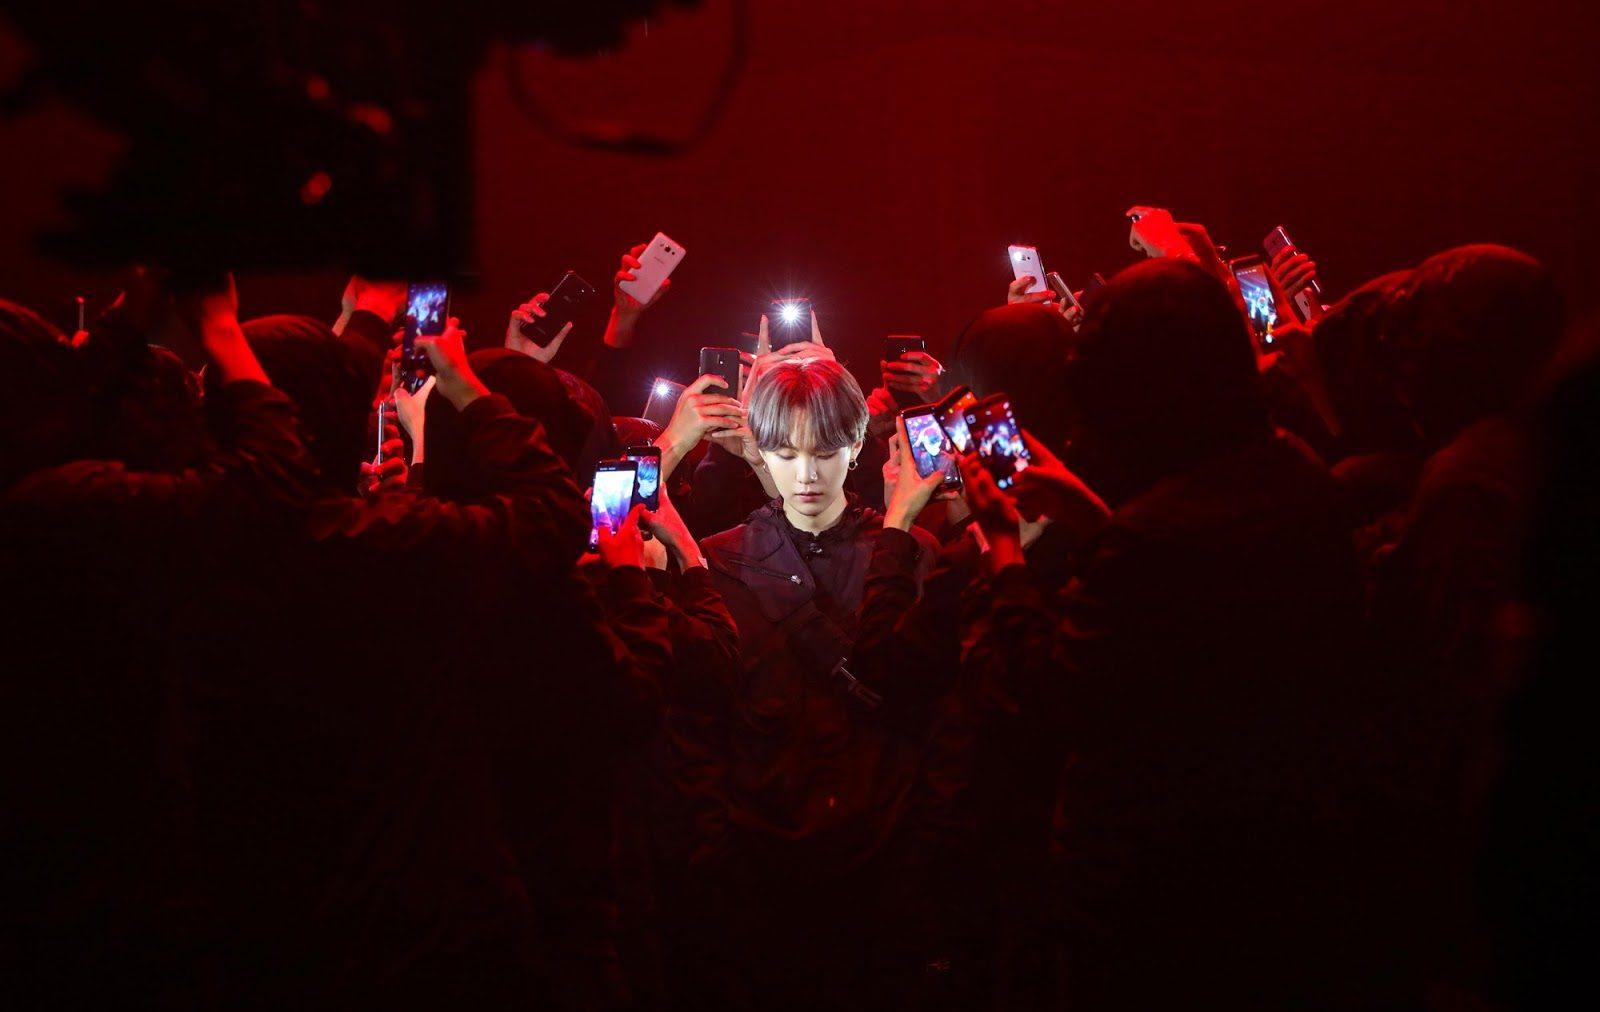 Foto de Suga em uma performance do BTS. Ele está ao centro da imagem, cercado por pessoas que o fotografam com os flashes de seus celulares. Ele olha para baixo é visível somente do ombro para cima. Seu cabelo é castanho médio, na altura das orelhas, e está dividido ao meio. Ele também usa um brinco de argola na orelha esquerda e suas roupas são pretas. Toda a composição da imagem tem tons avermelhados, incluindo o fundo.